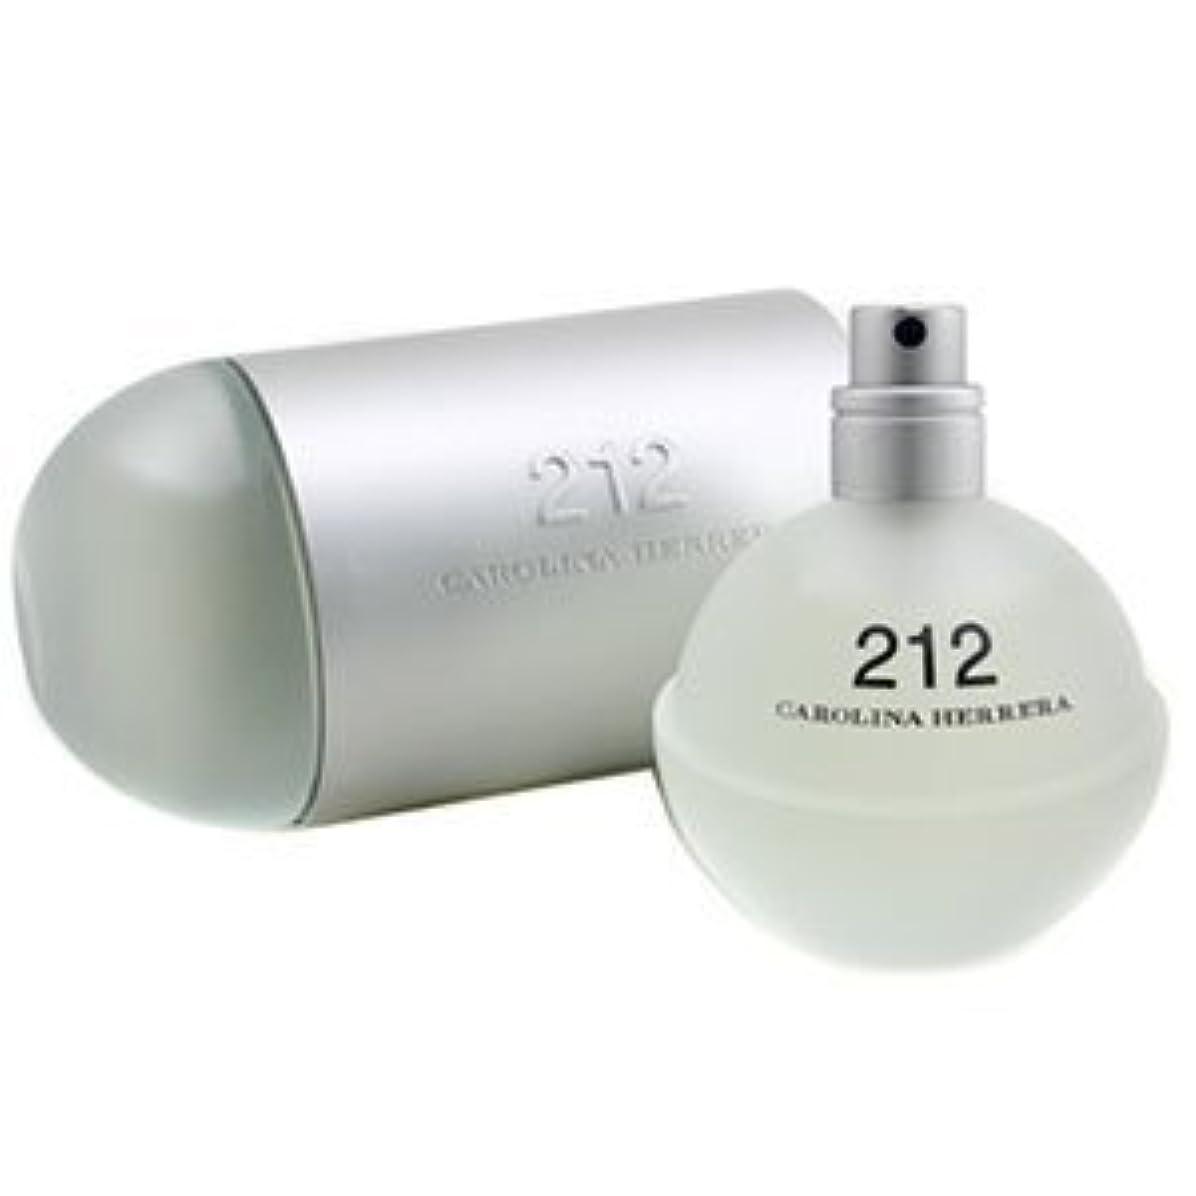 備品テキスト謝罪キャロライナ ヘレラ 香水 212 EDT SP 60ml ( 30ml ×2) 【並行輸入品】